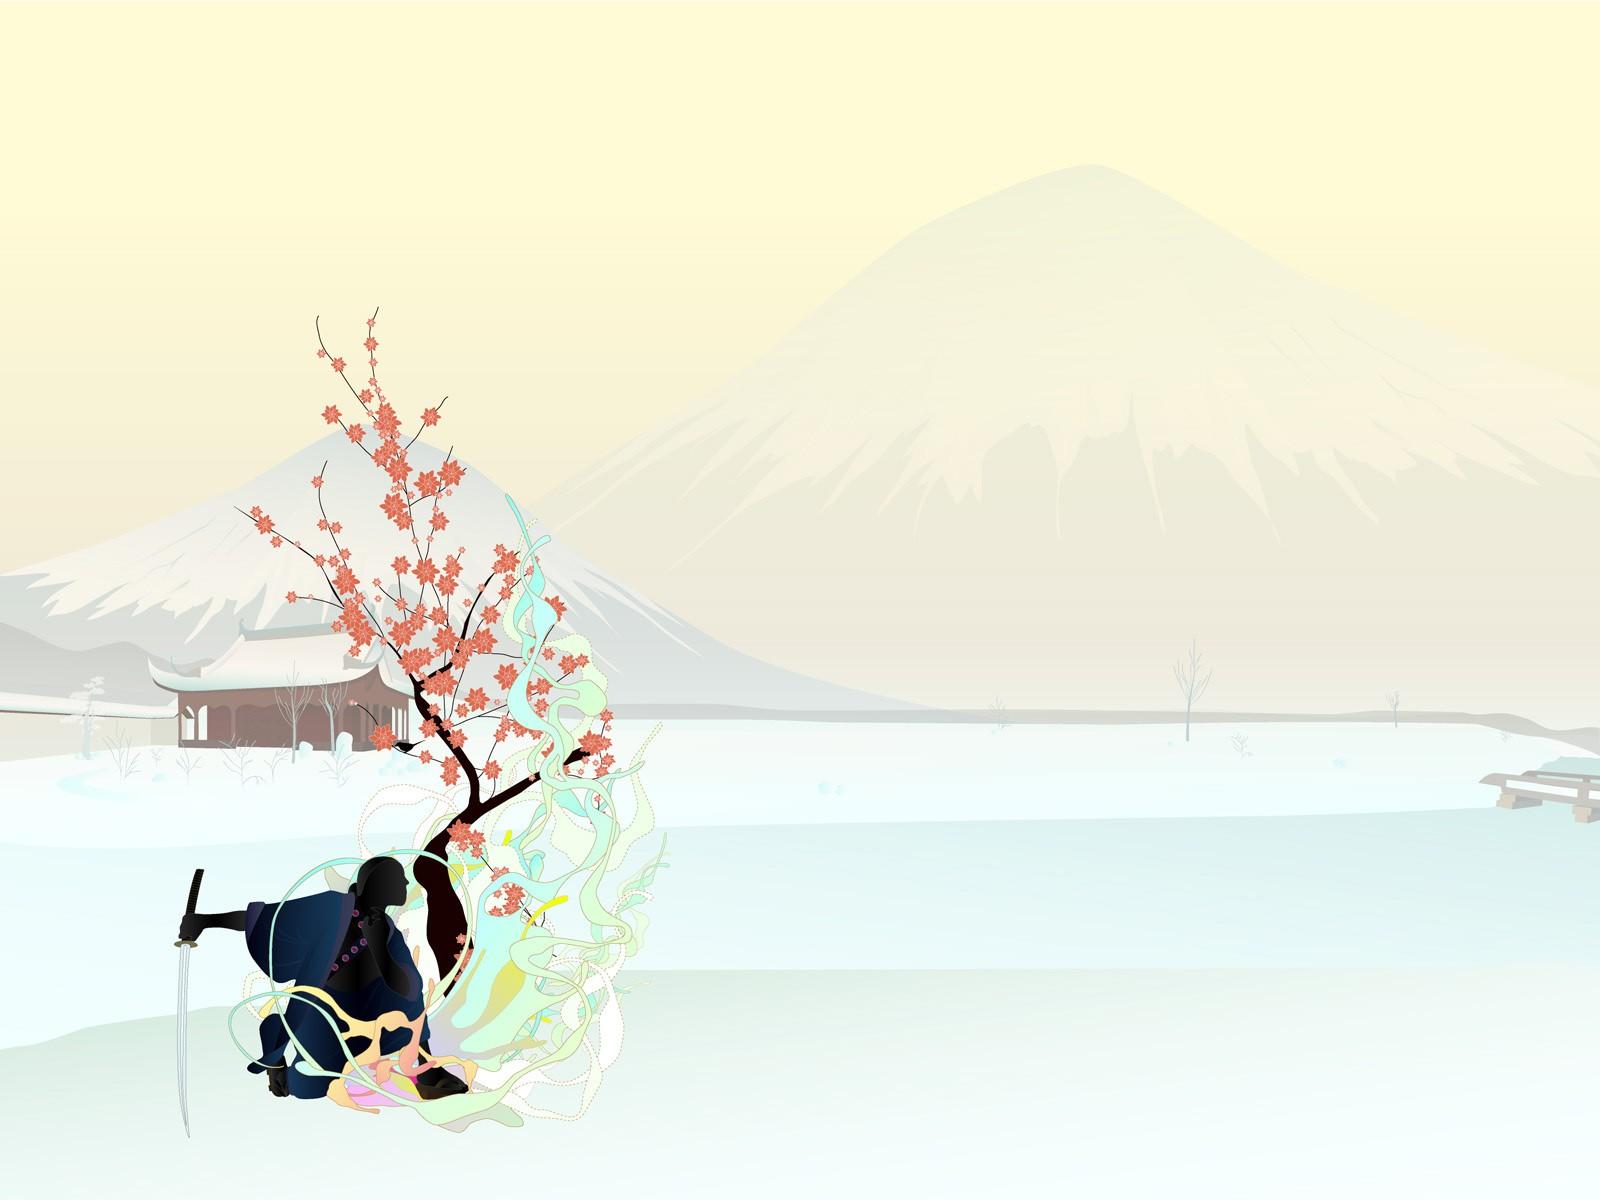 известно, япония минимализм картинки что такое форс-мажер